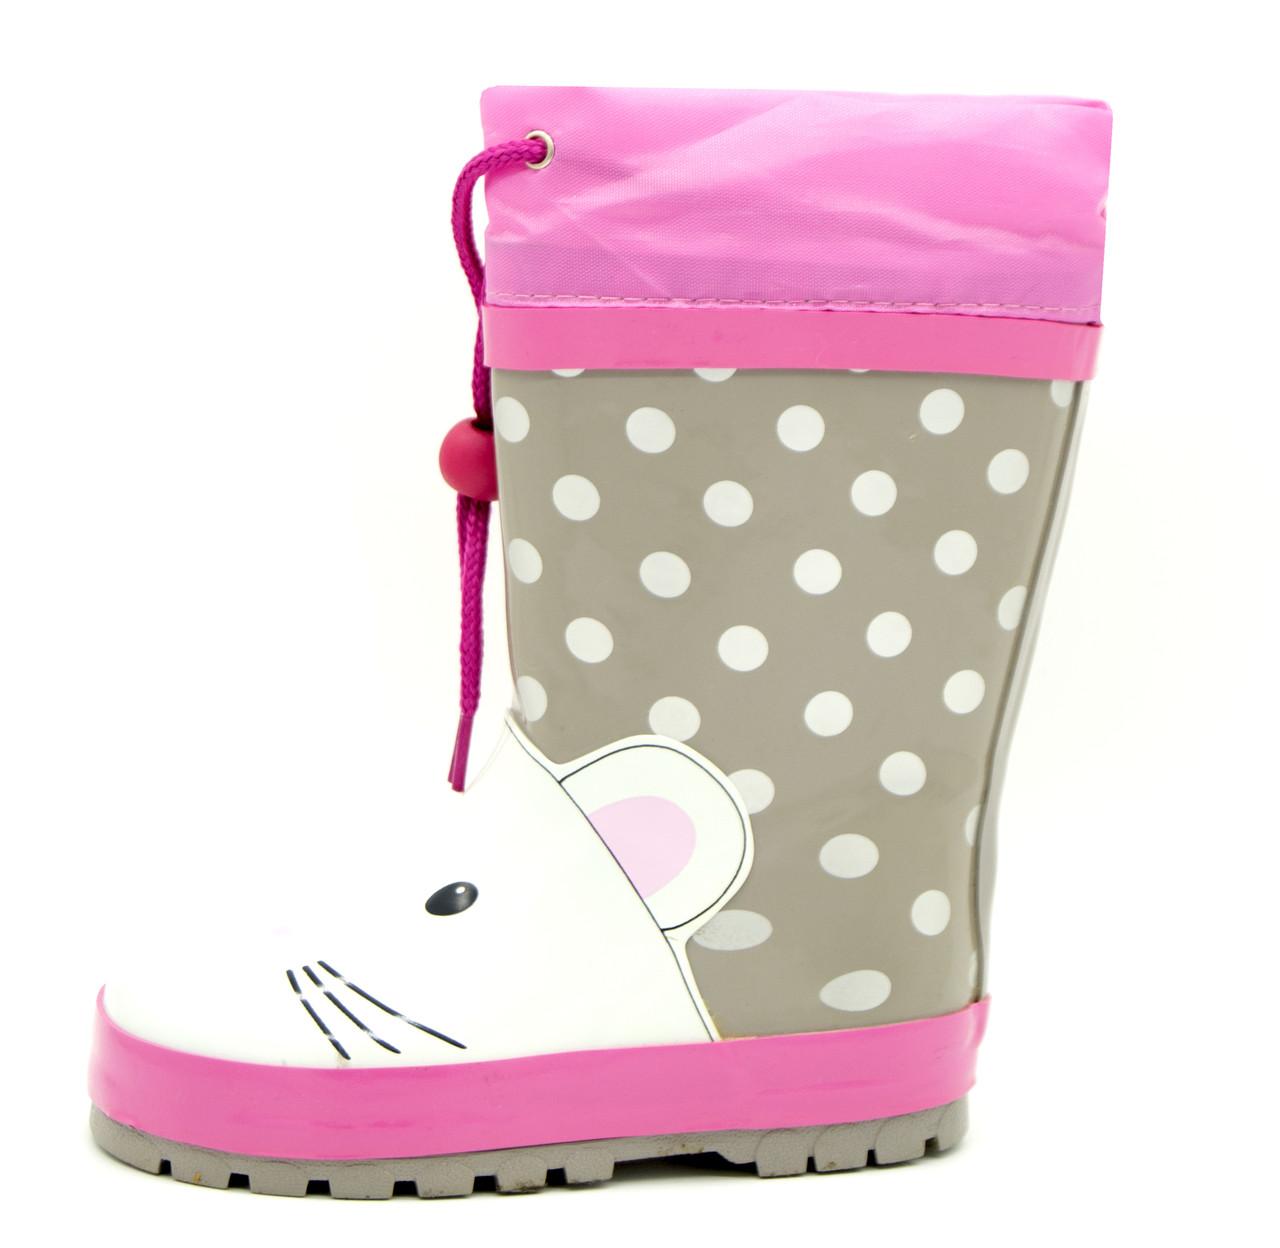 Резиновые сапоги для девочки Серо-розовые Размеры: 27